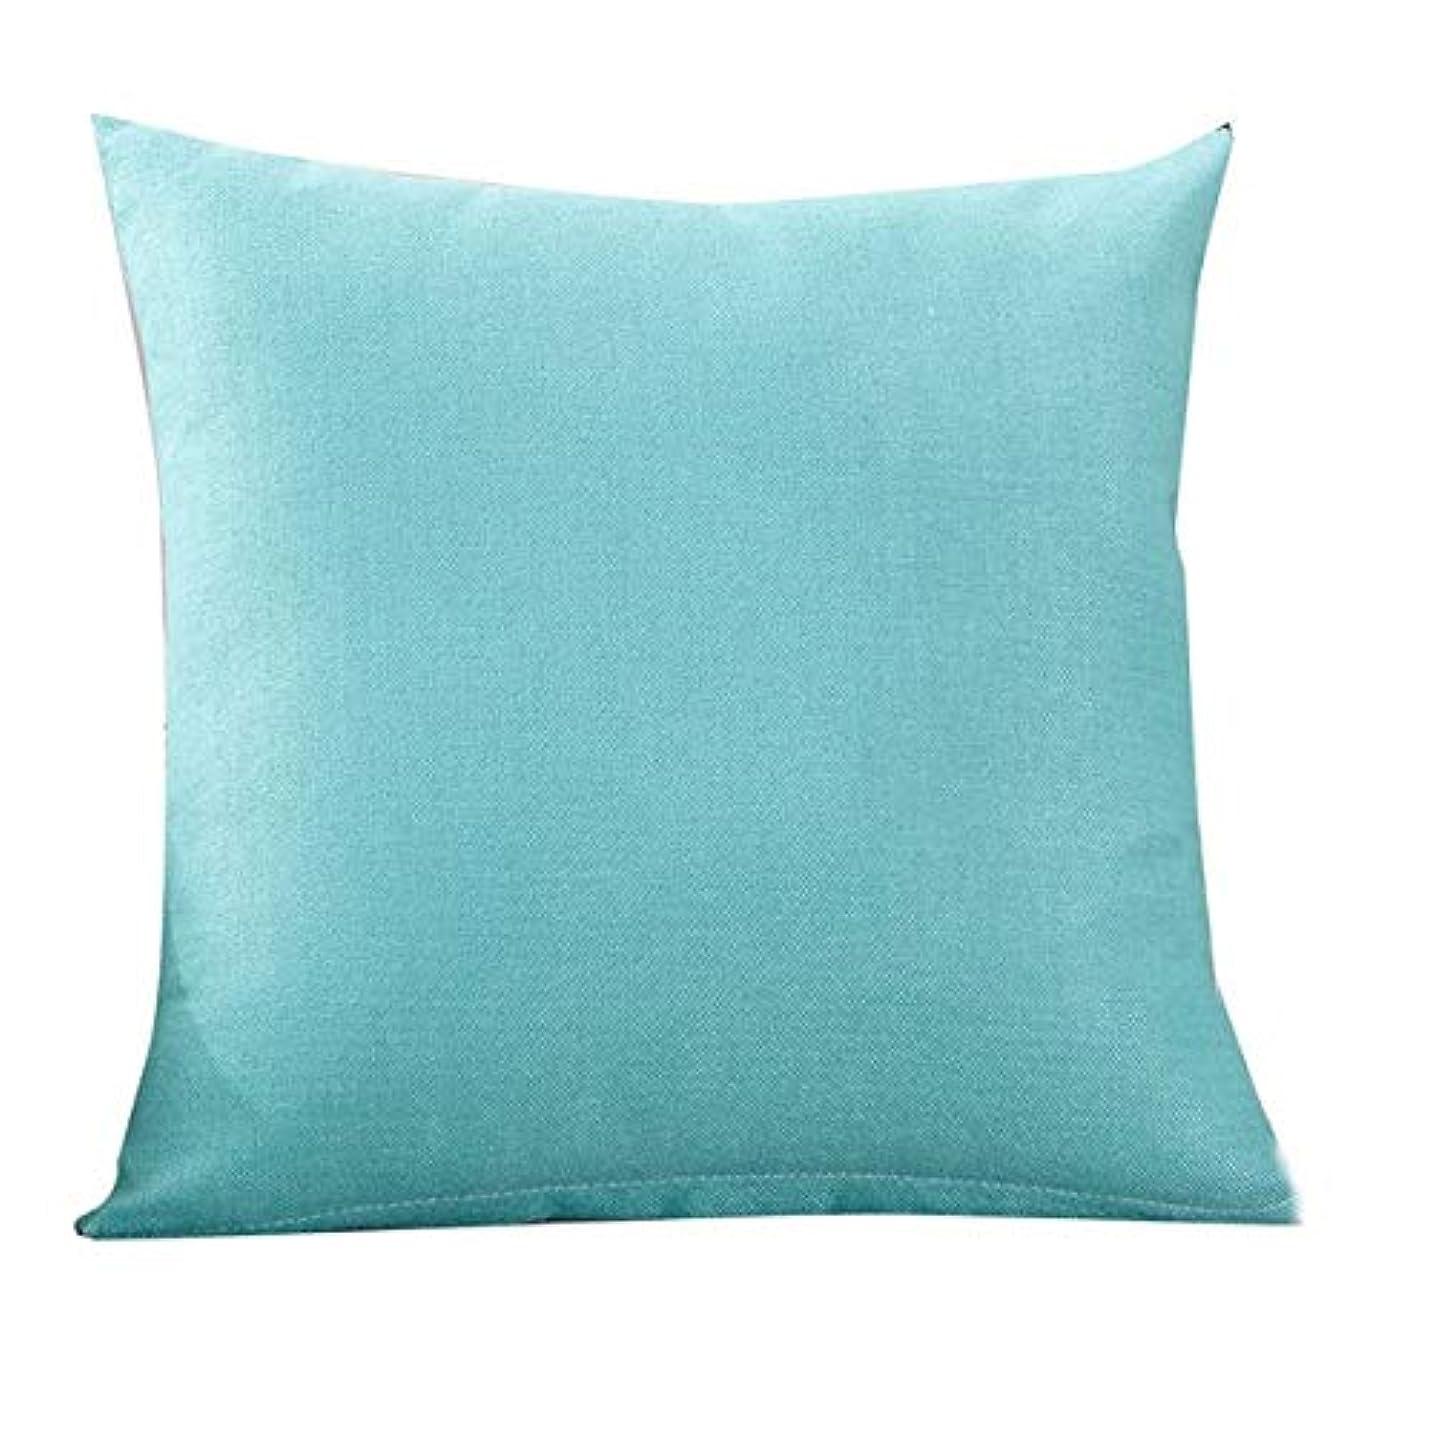 ほのめかす承認甘やかすLIFE クリエイティブシンプルなファッションスロー枕クッションカフェソファクッションのホームインテリア z0403# G20 クッション 椅子